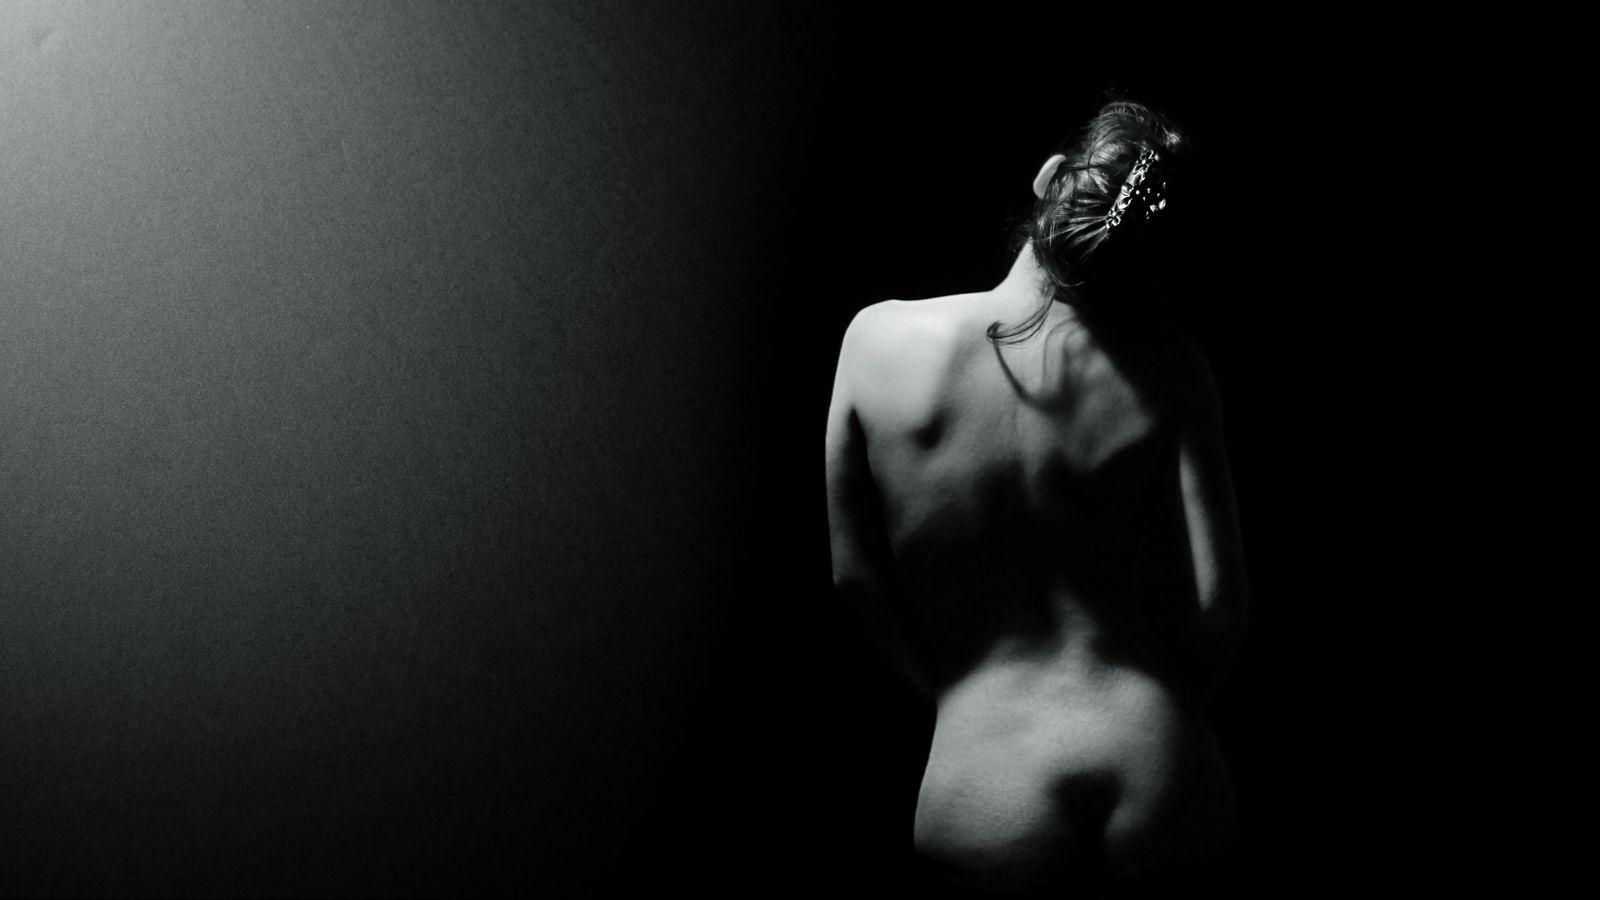 Un halo de lumière douce éclaire le dos nu de Maeva. Sur son corps, en noir et blanc, les ombres et une boucle de cheveux dessinent de jolies courbes.